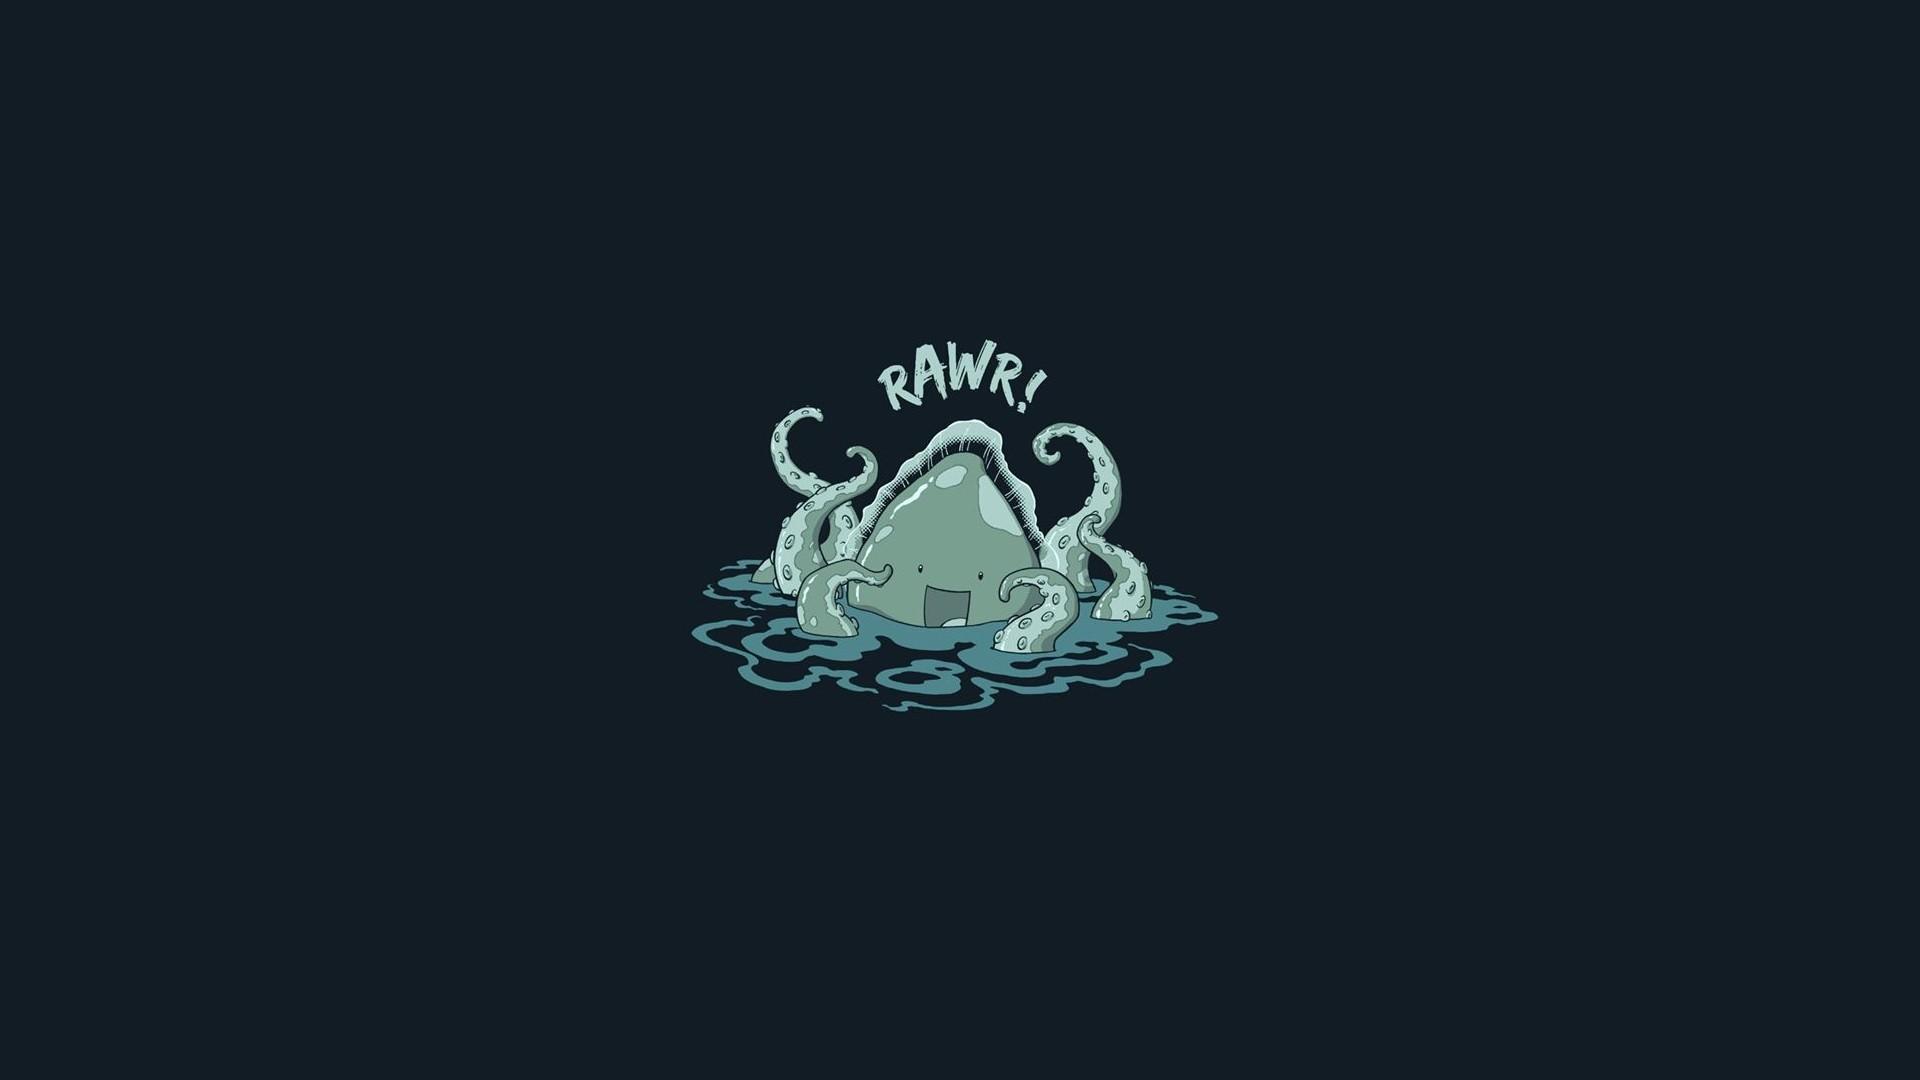 Geek tapeta na pulpit kraken